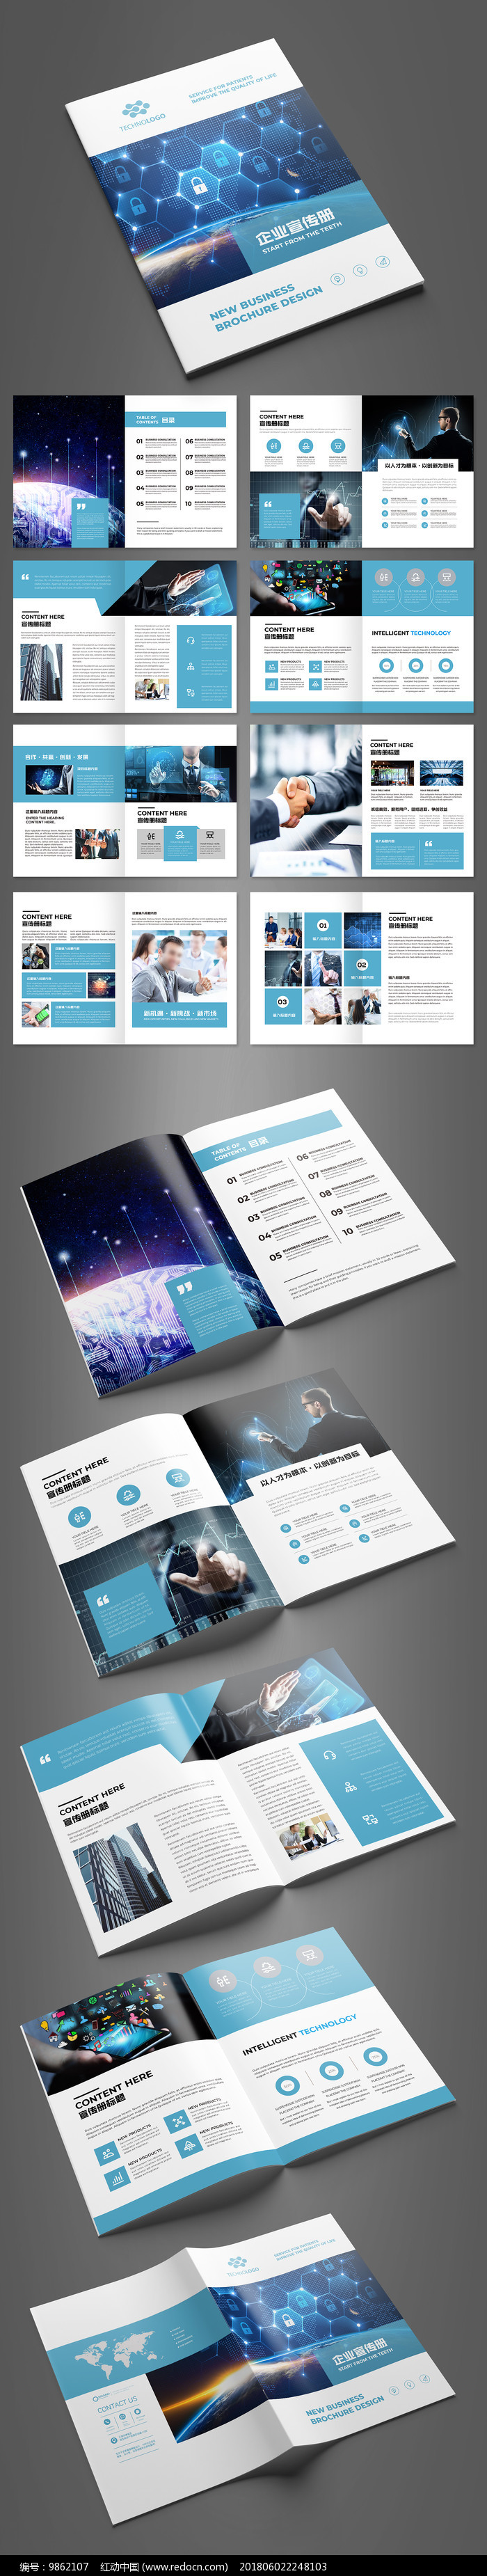 简约蓝色网络科技画册设计模板图片